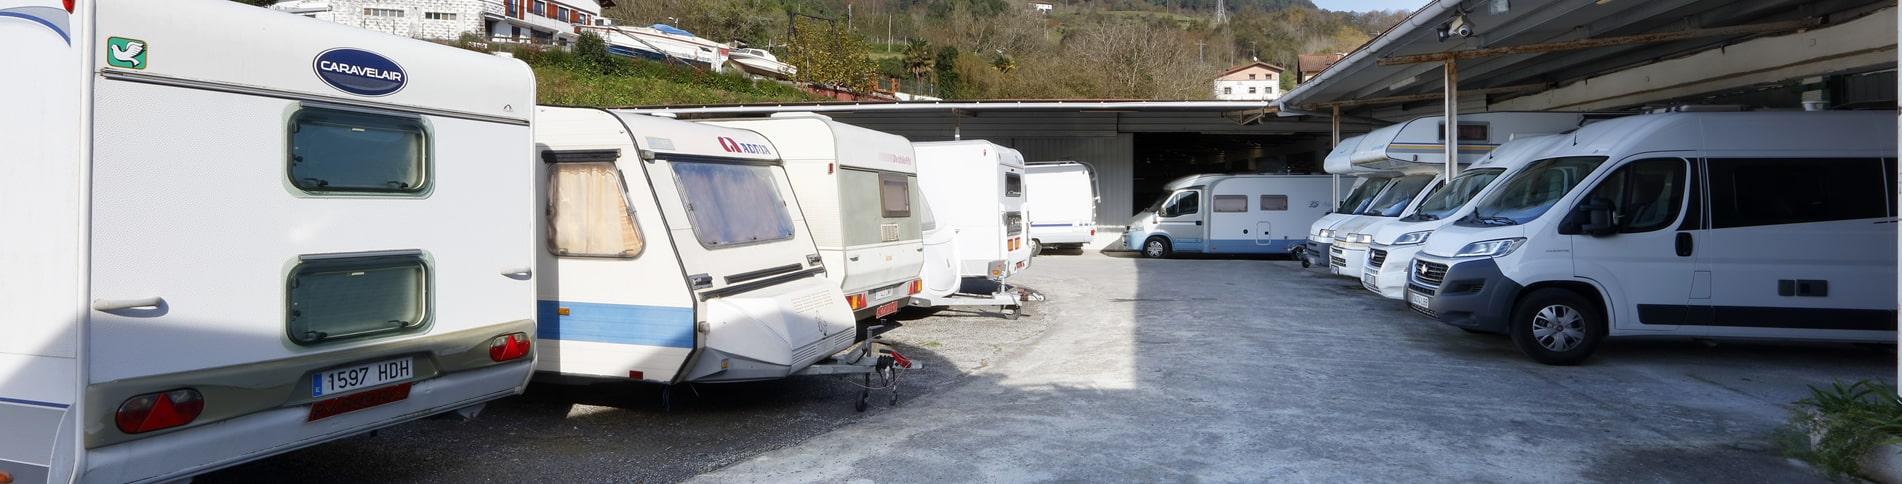 Servicio de alquiler de caravanas y autocaravanas en Orio